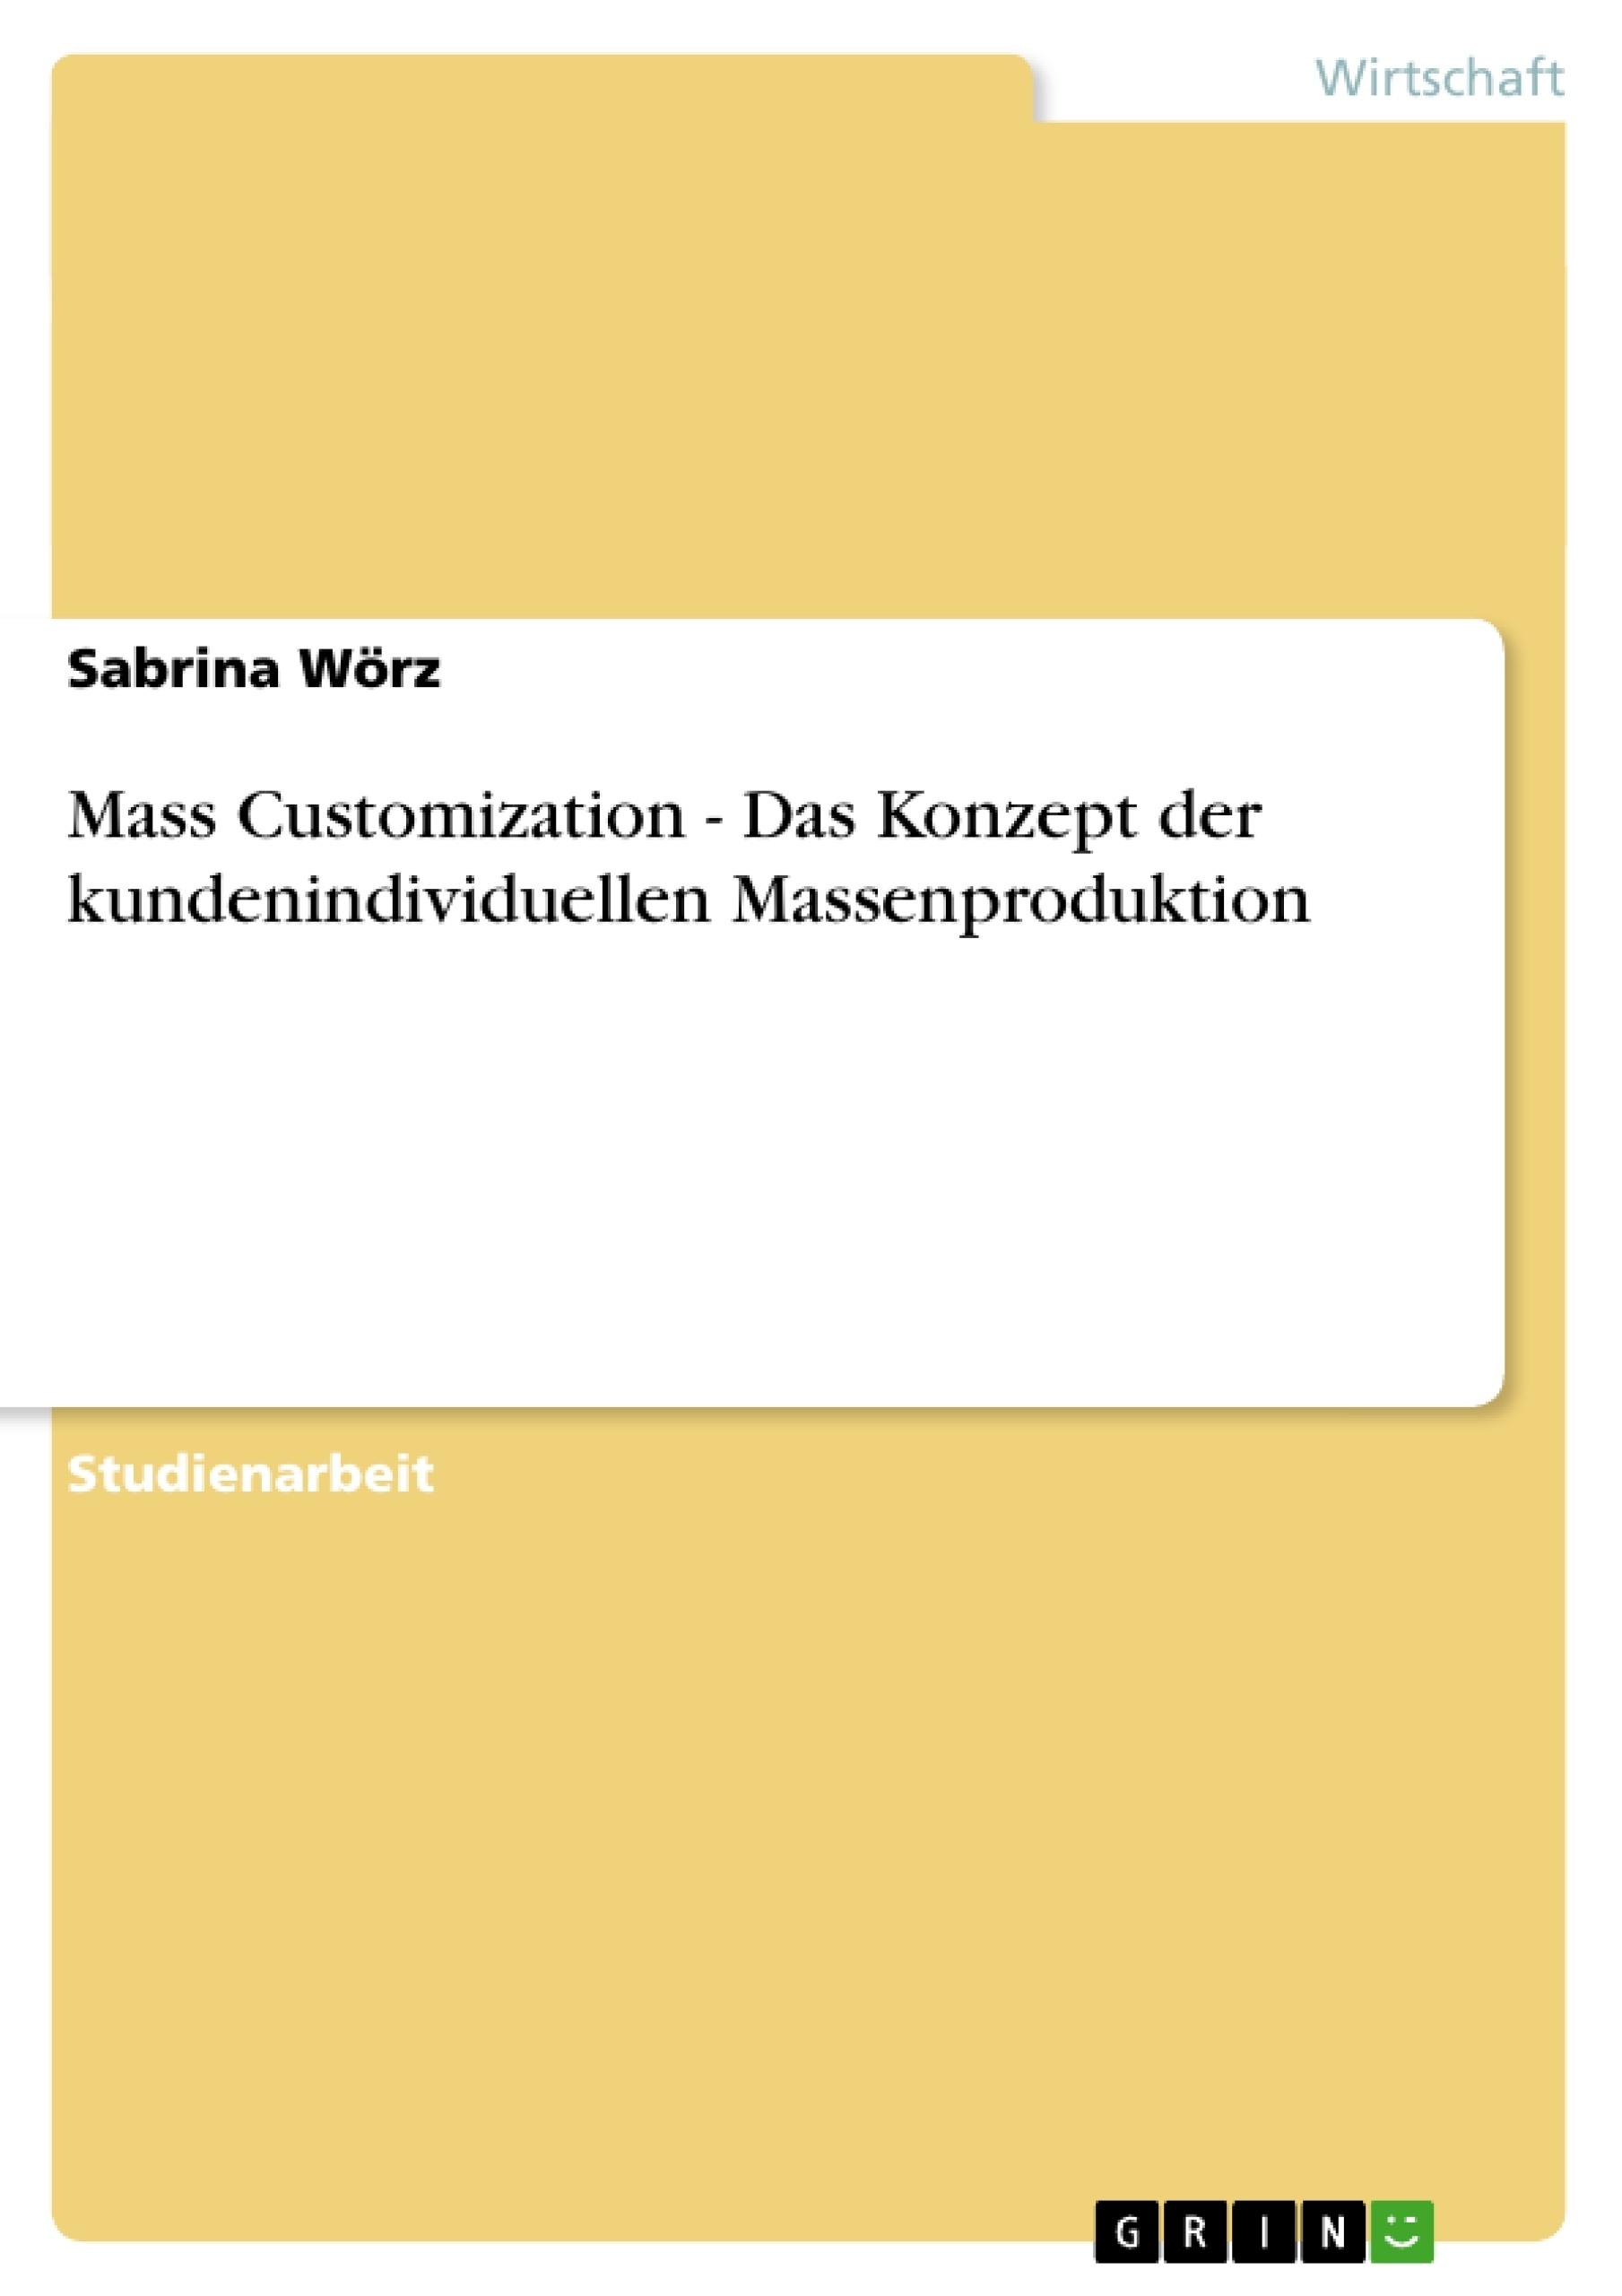 Titel: Mass Customization - Das Konzept der kundenindividuellen Massenproduktion